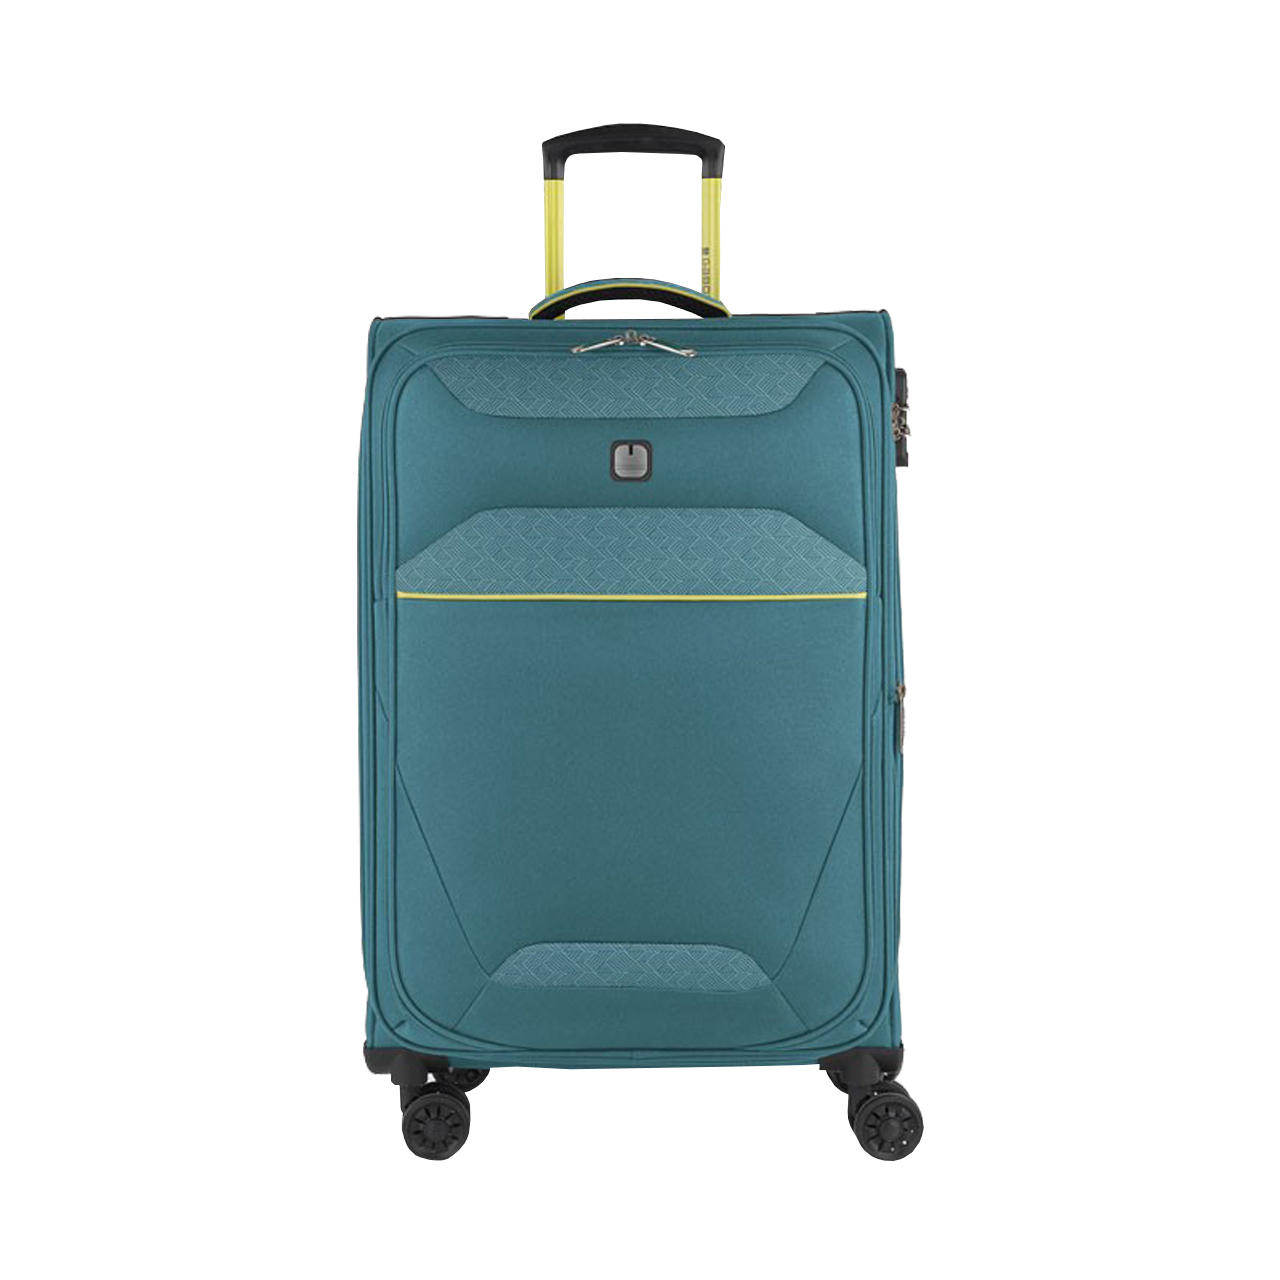 خرید                                      چمدان گابل مدل Giro سایز متوسط